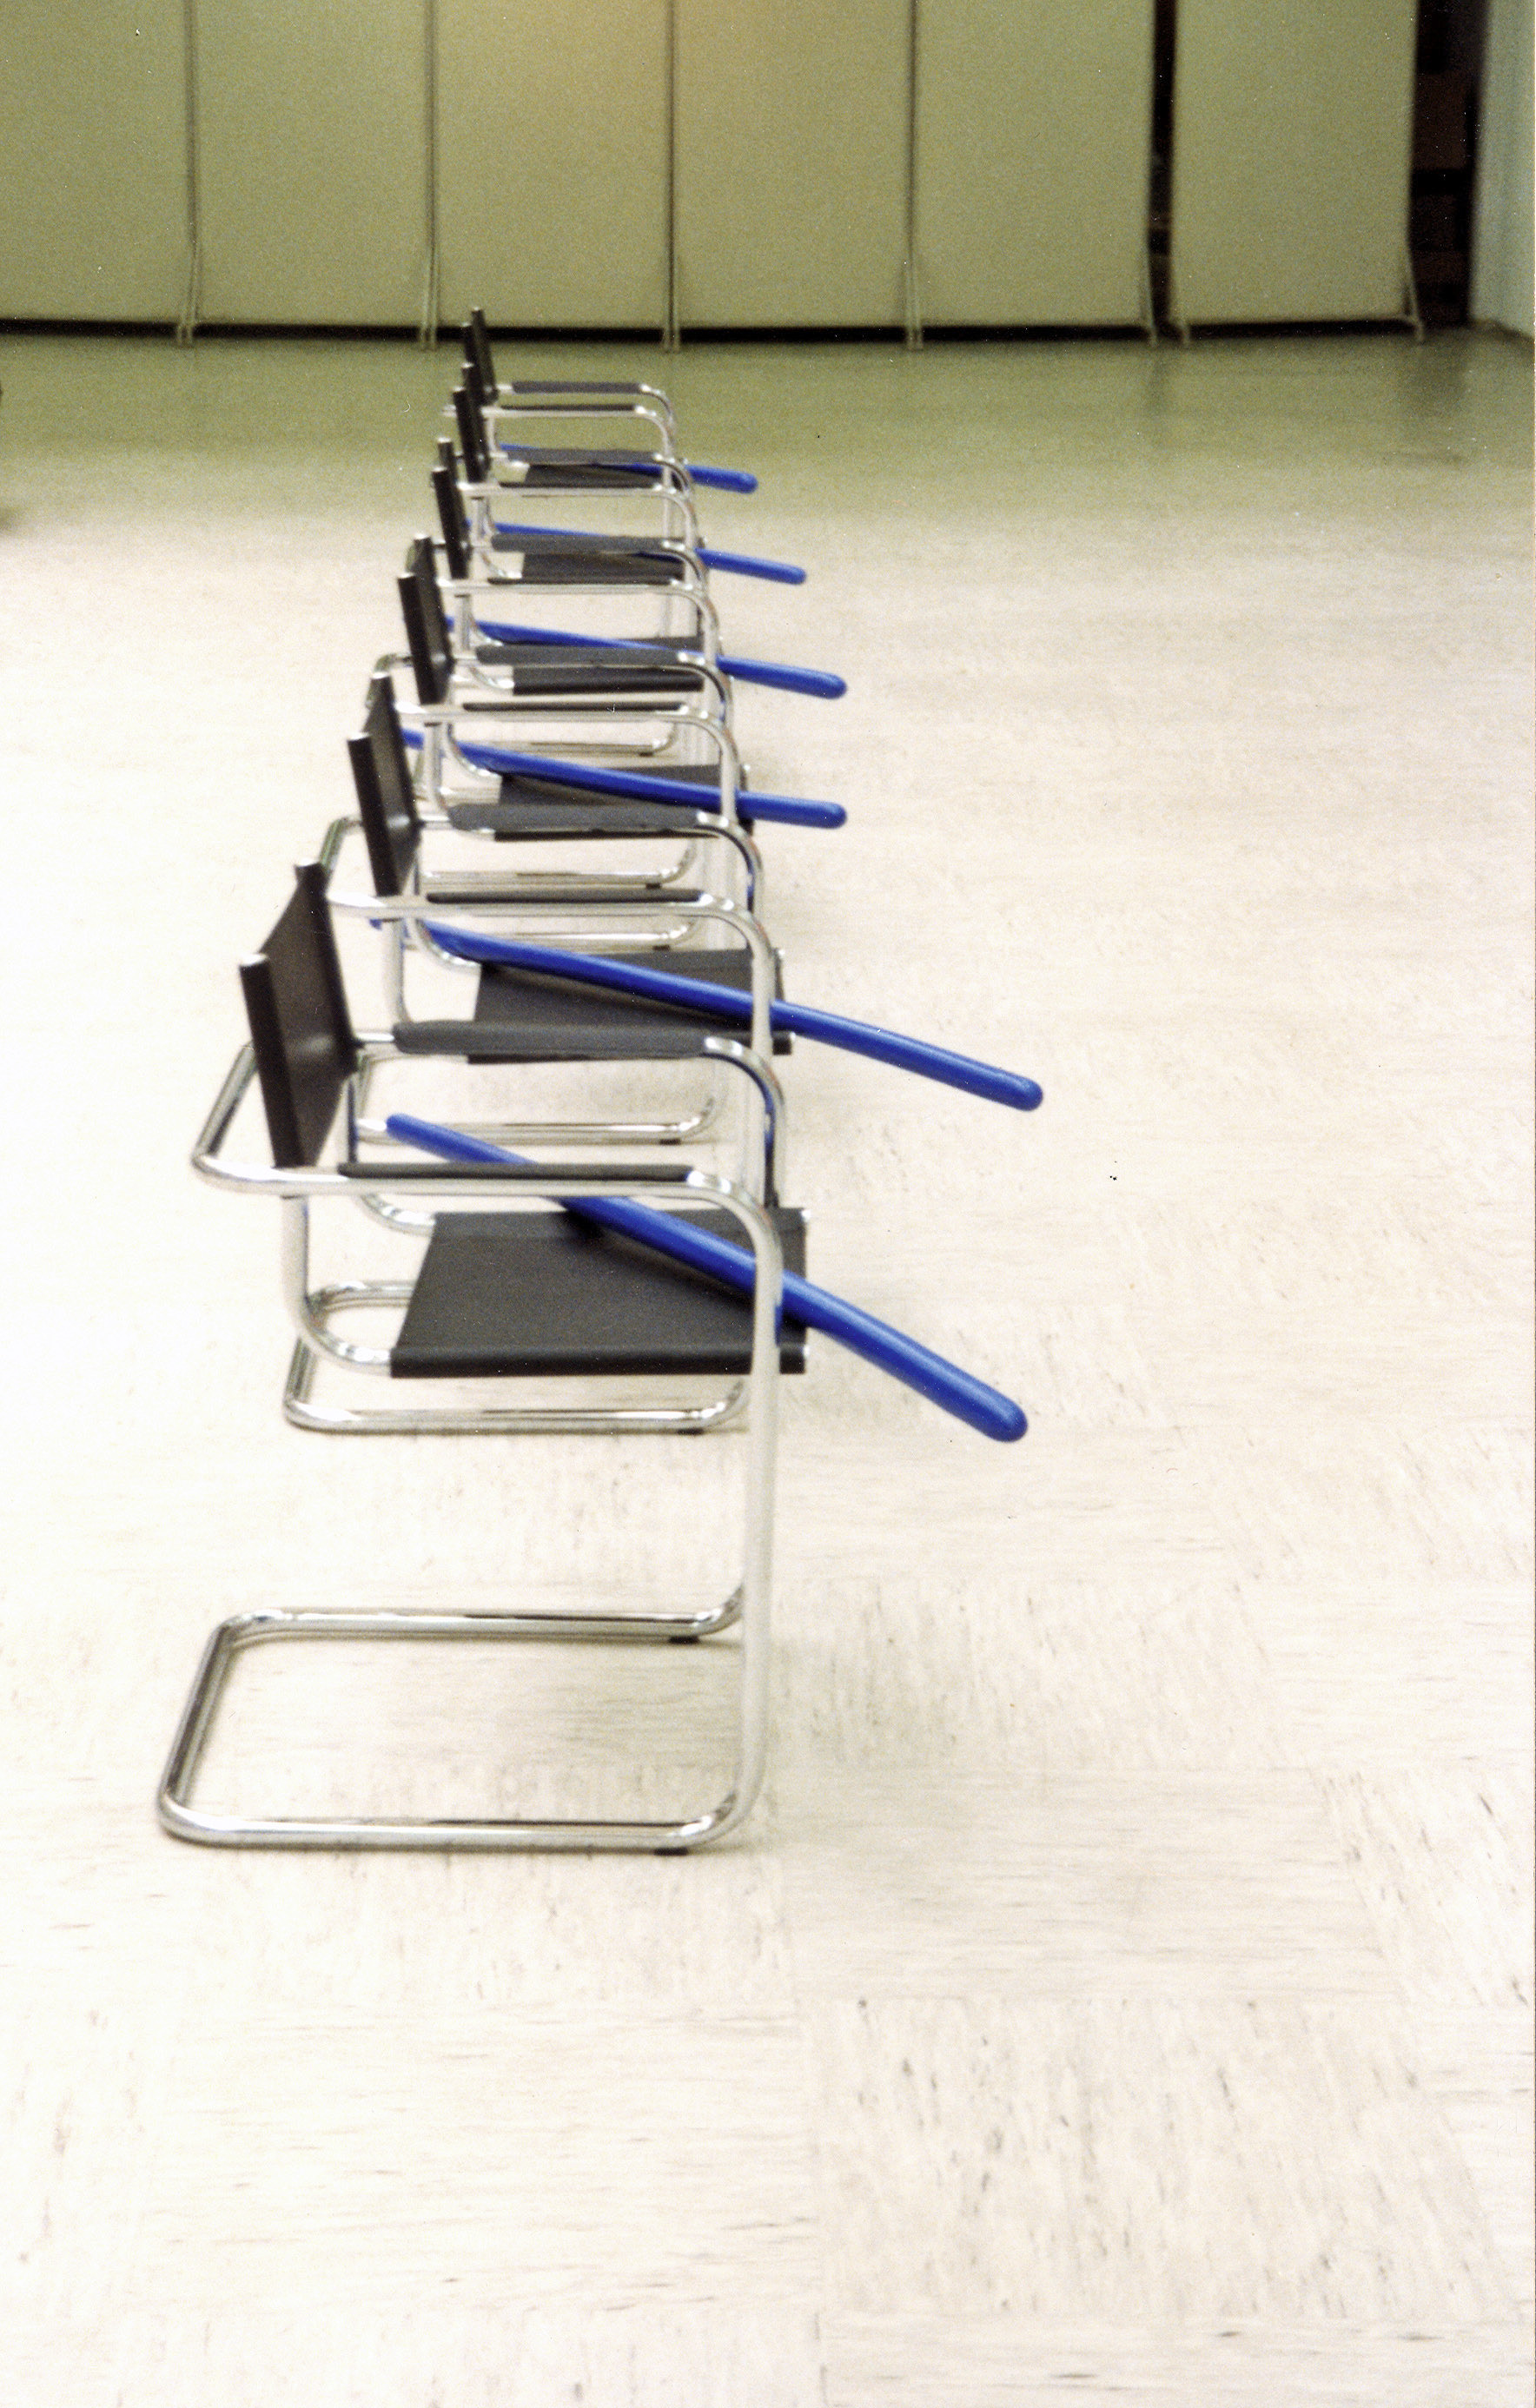 akril, les (6 tabel 300 x 90 cm), 6 stolov in 6 modrih palic, 1994, (detajl)